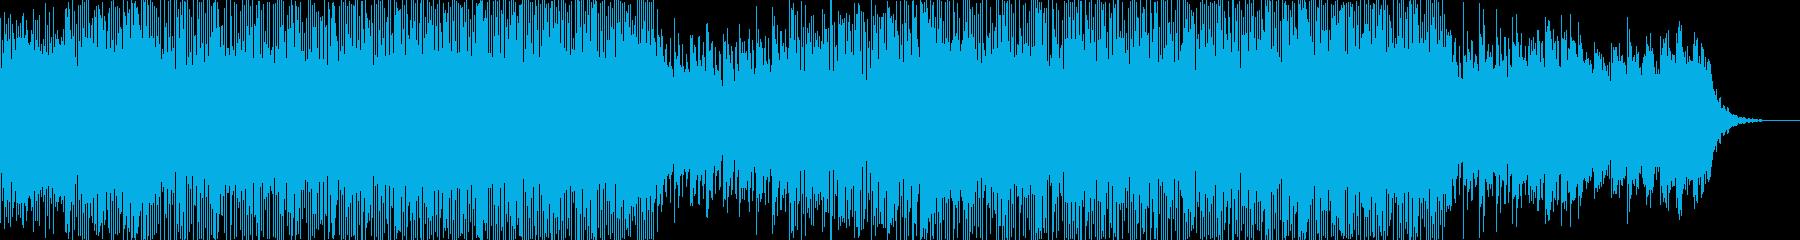 キラキラふわふわしたしっとりEDMの再生済みの波形